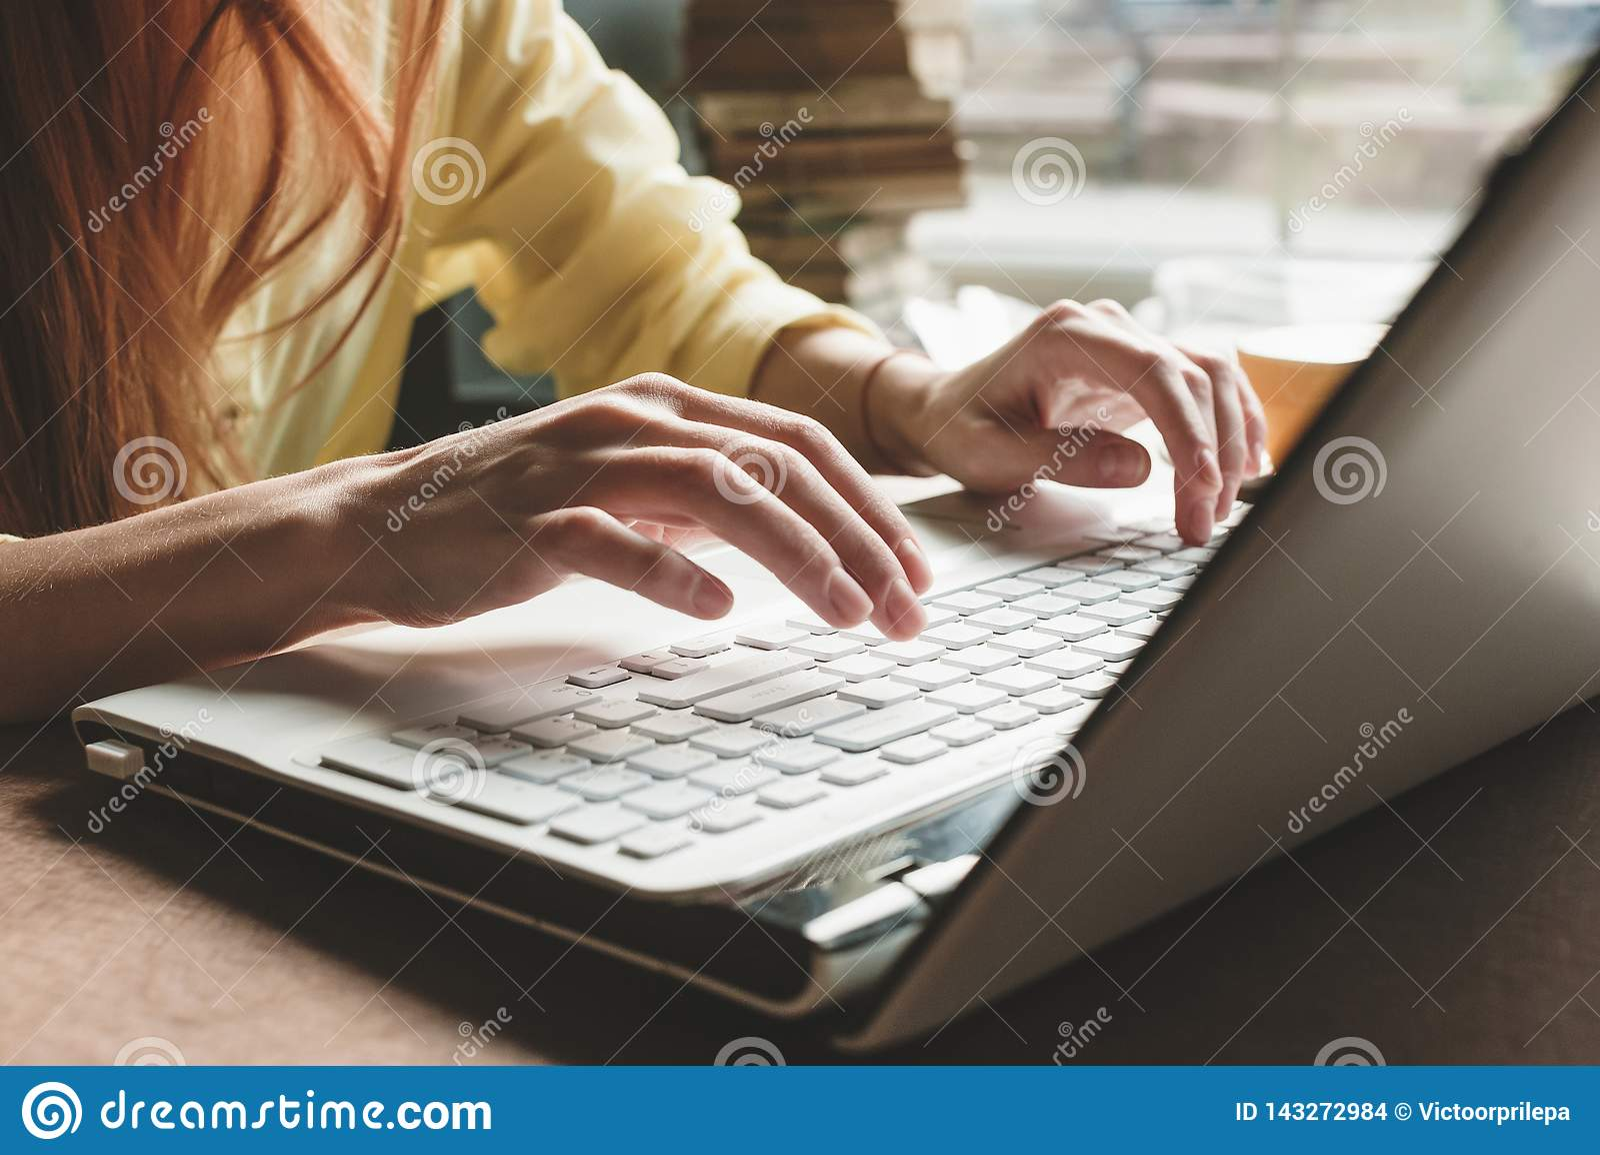 Οι τυπωμένες ύλες κοριτσιών σε έναν άσπρο υπολογιστή Κινηματογράφηση σε πρώτο πλάνο των χεριών στο πληκτρολόγιο ενός υπολογιστή